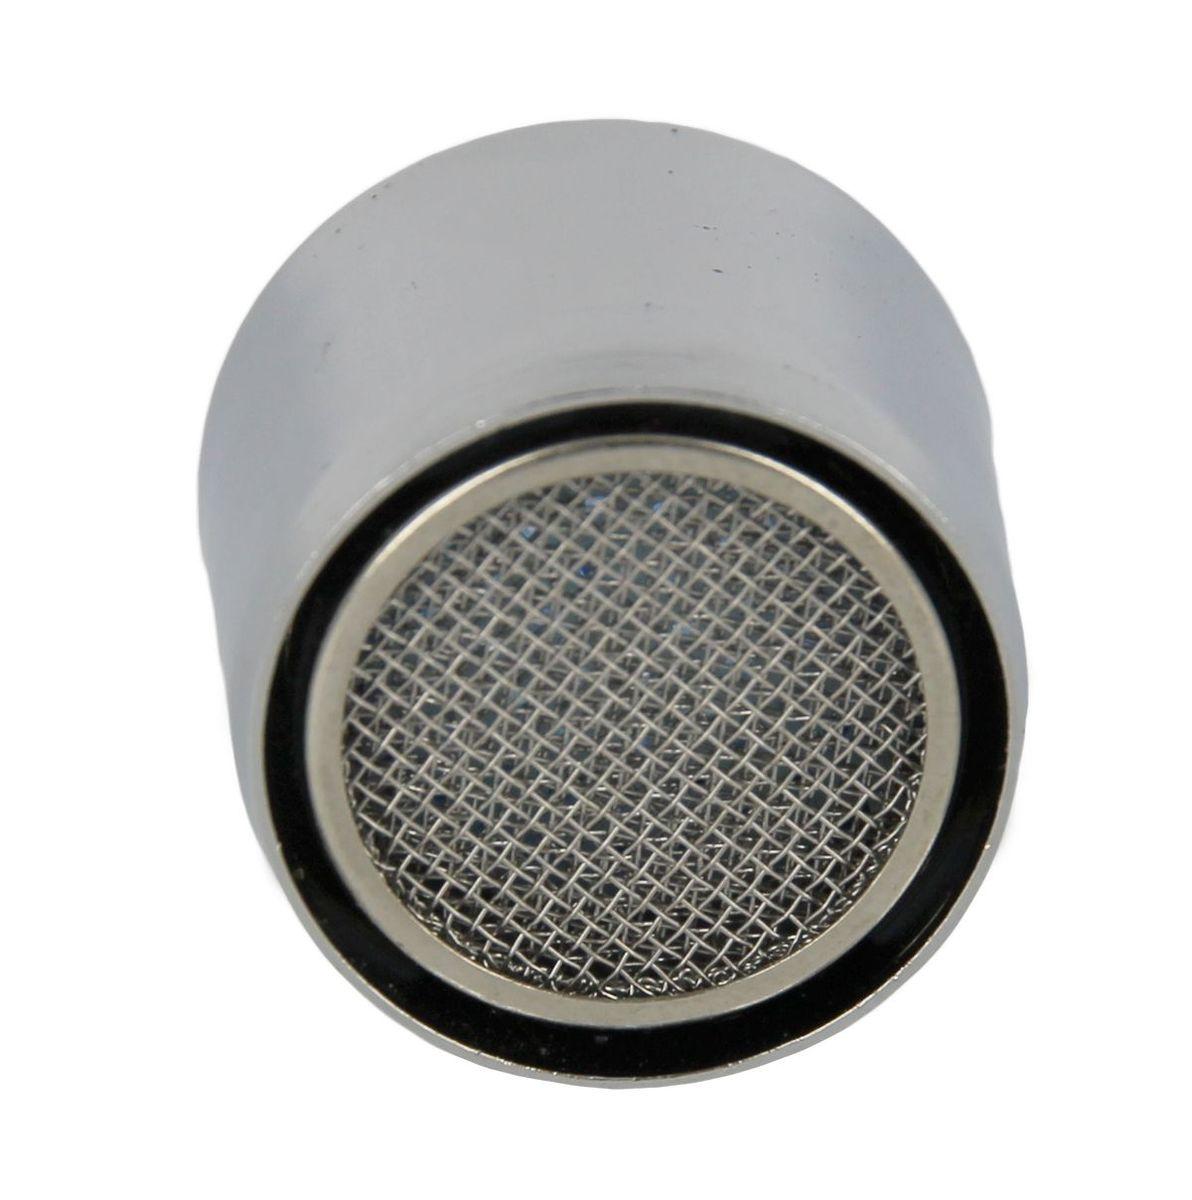 Аэратор для смесителя 1/2 внутренняя резьба МастерПрофBL505Аэратор предназначен для насыщения воздухом водной струи, выходящей из смесителя.Благодаря аэратору, вода из под крана выходит ровной и мягкой струей, это предает не только приятное ощущение для рук но, и одновременно способствует сокращению потребления воды.Размер: 1/2 (15 мм).